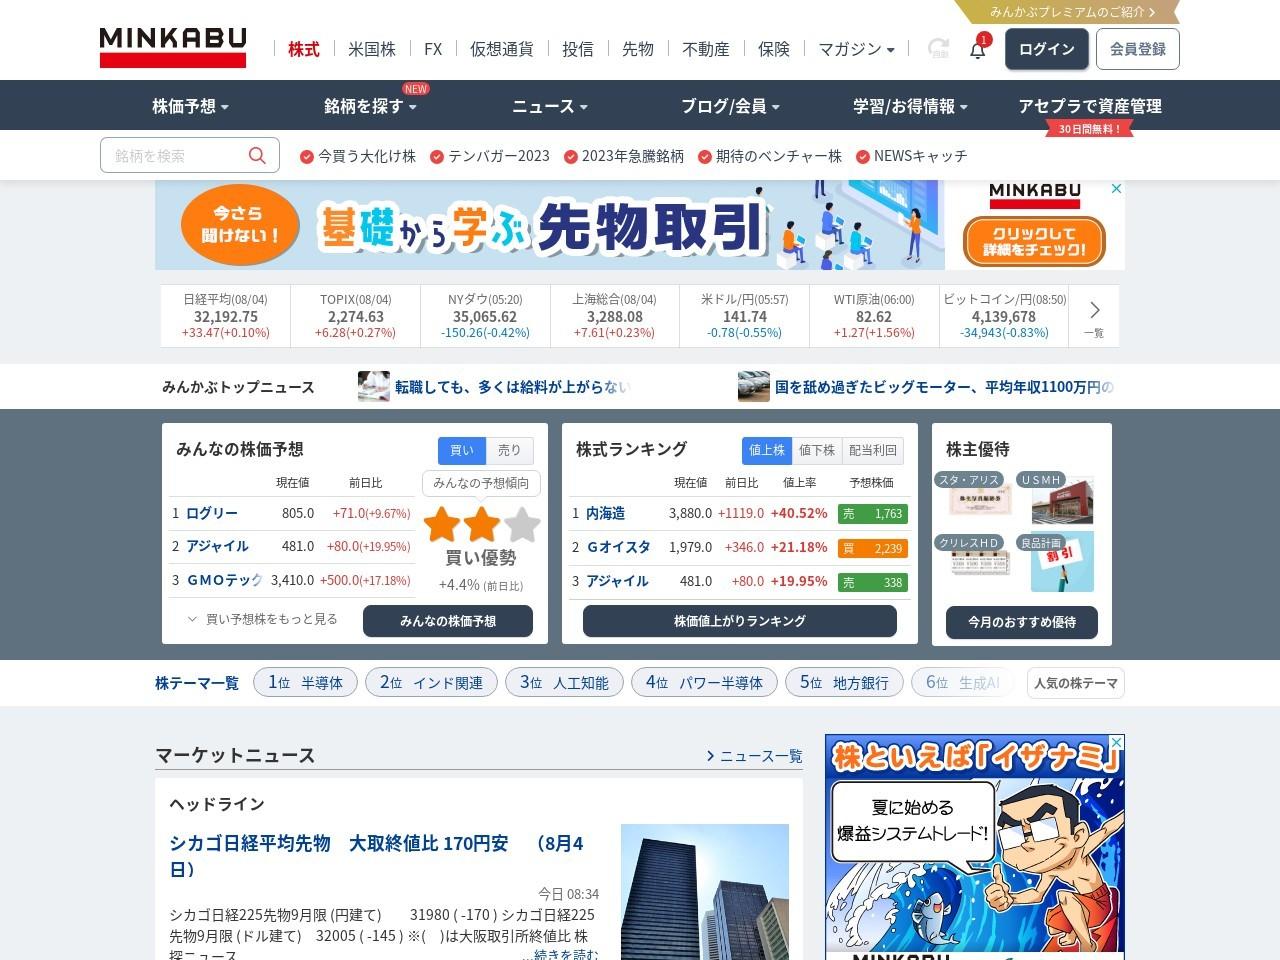 週間ランキング【値上がり率】 (5月18日)